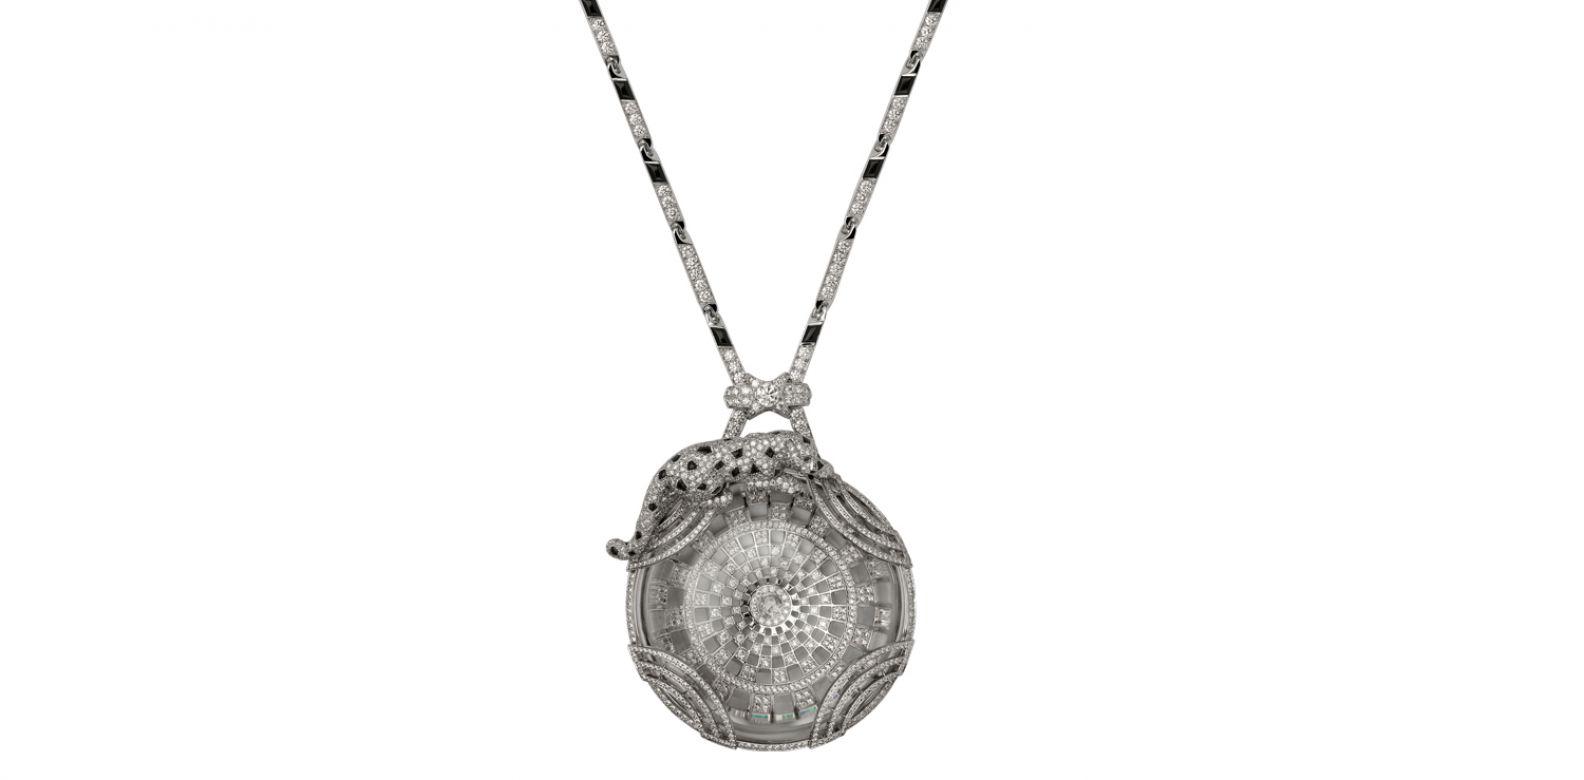 Panthère de Cartier 美洲豹頂級珠寶系列水晶項鍊。(圖片提供/Cartier)